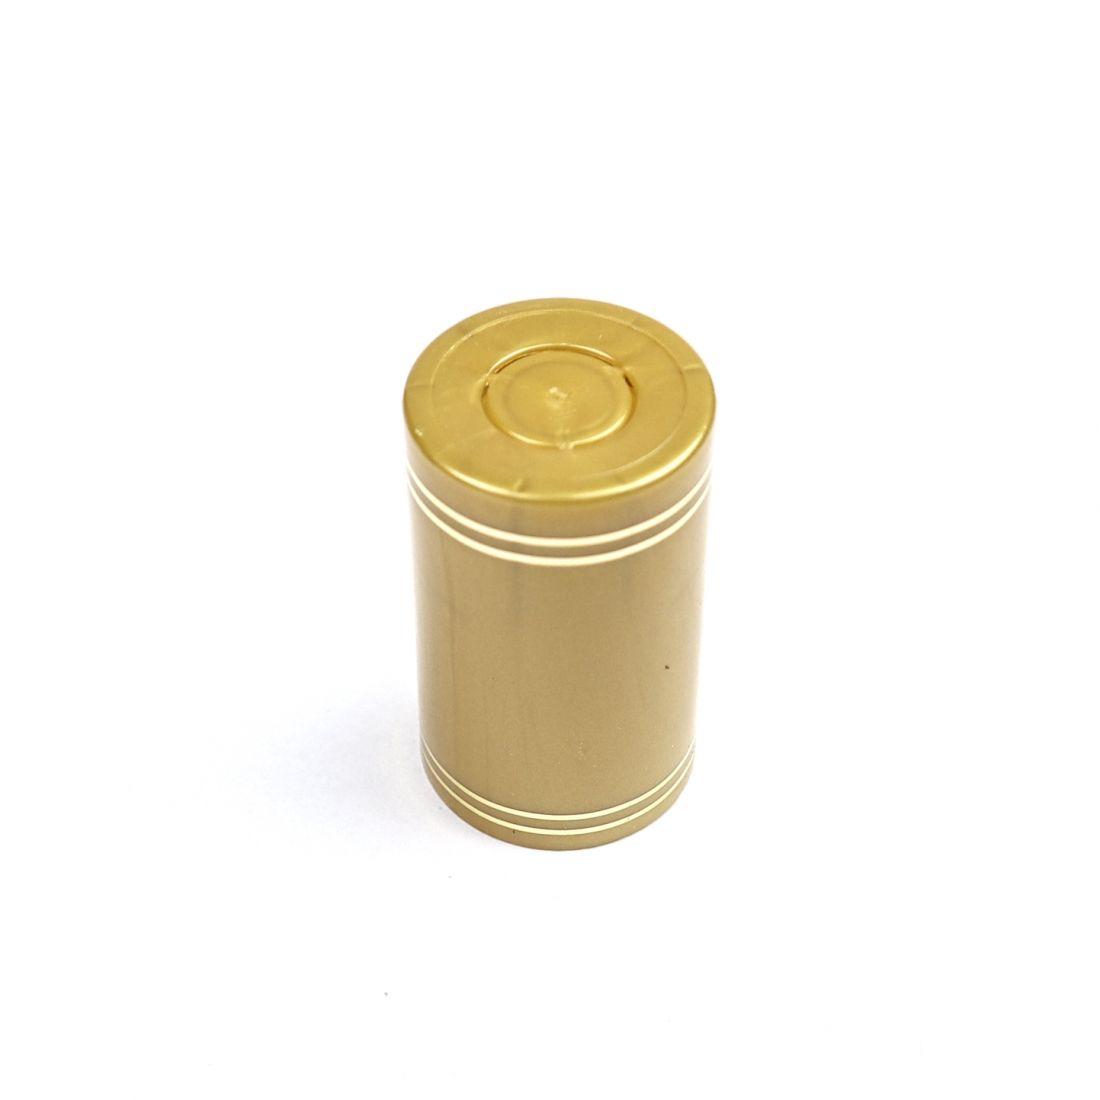 Полимерный колпачок с дозатором золотой, цельный (Гуала 58 мм), 10 шт